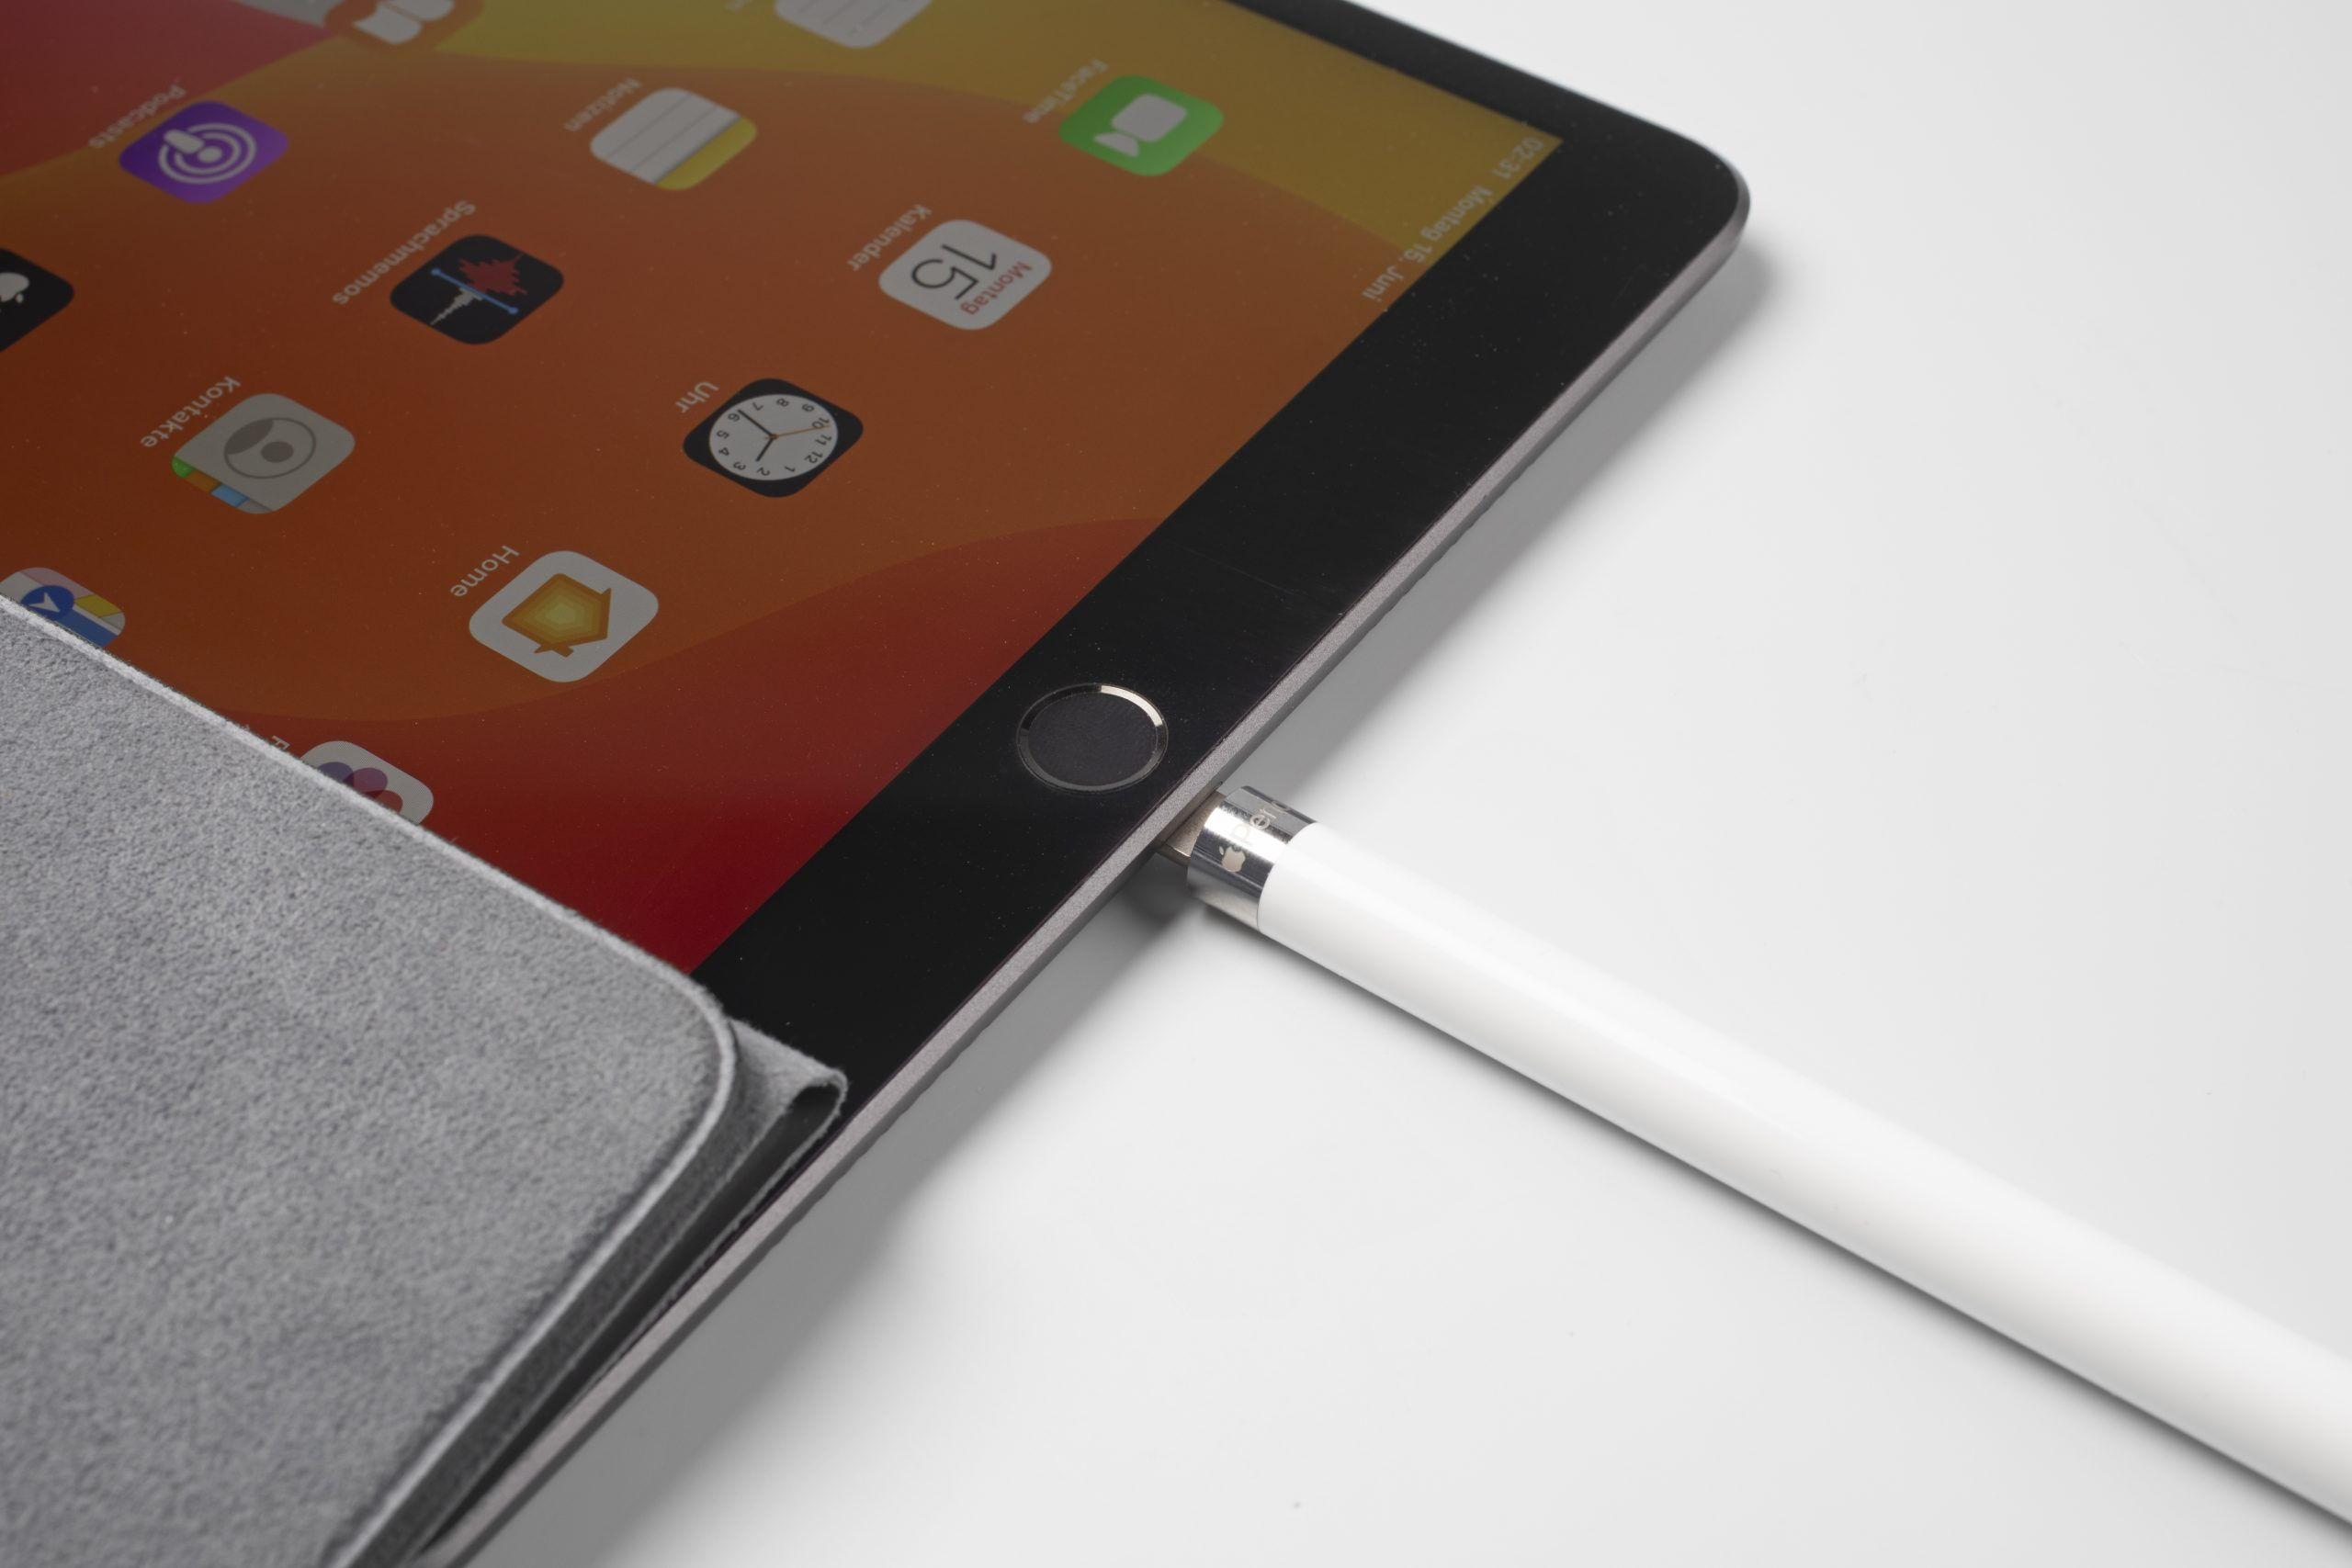 iPad Air 3 Apple Pencil compatibel generatie opladen